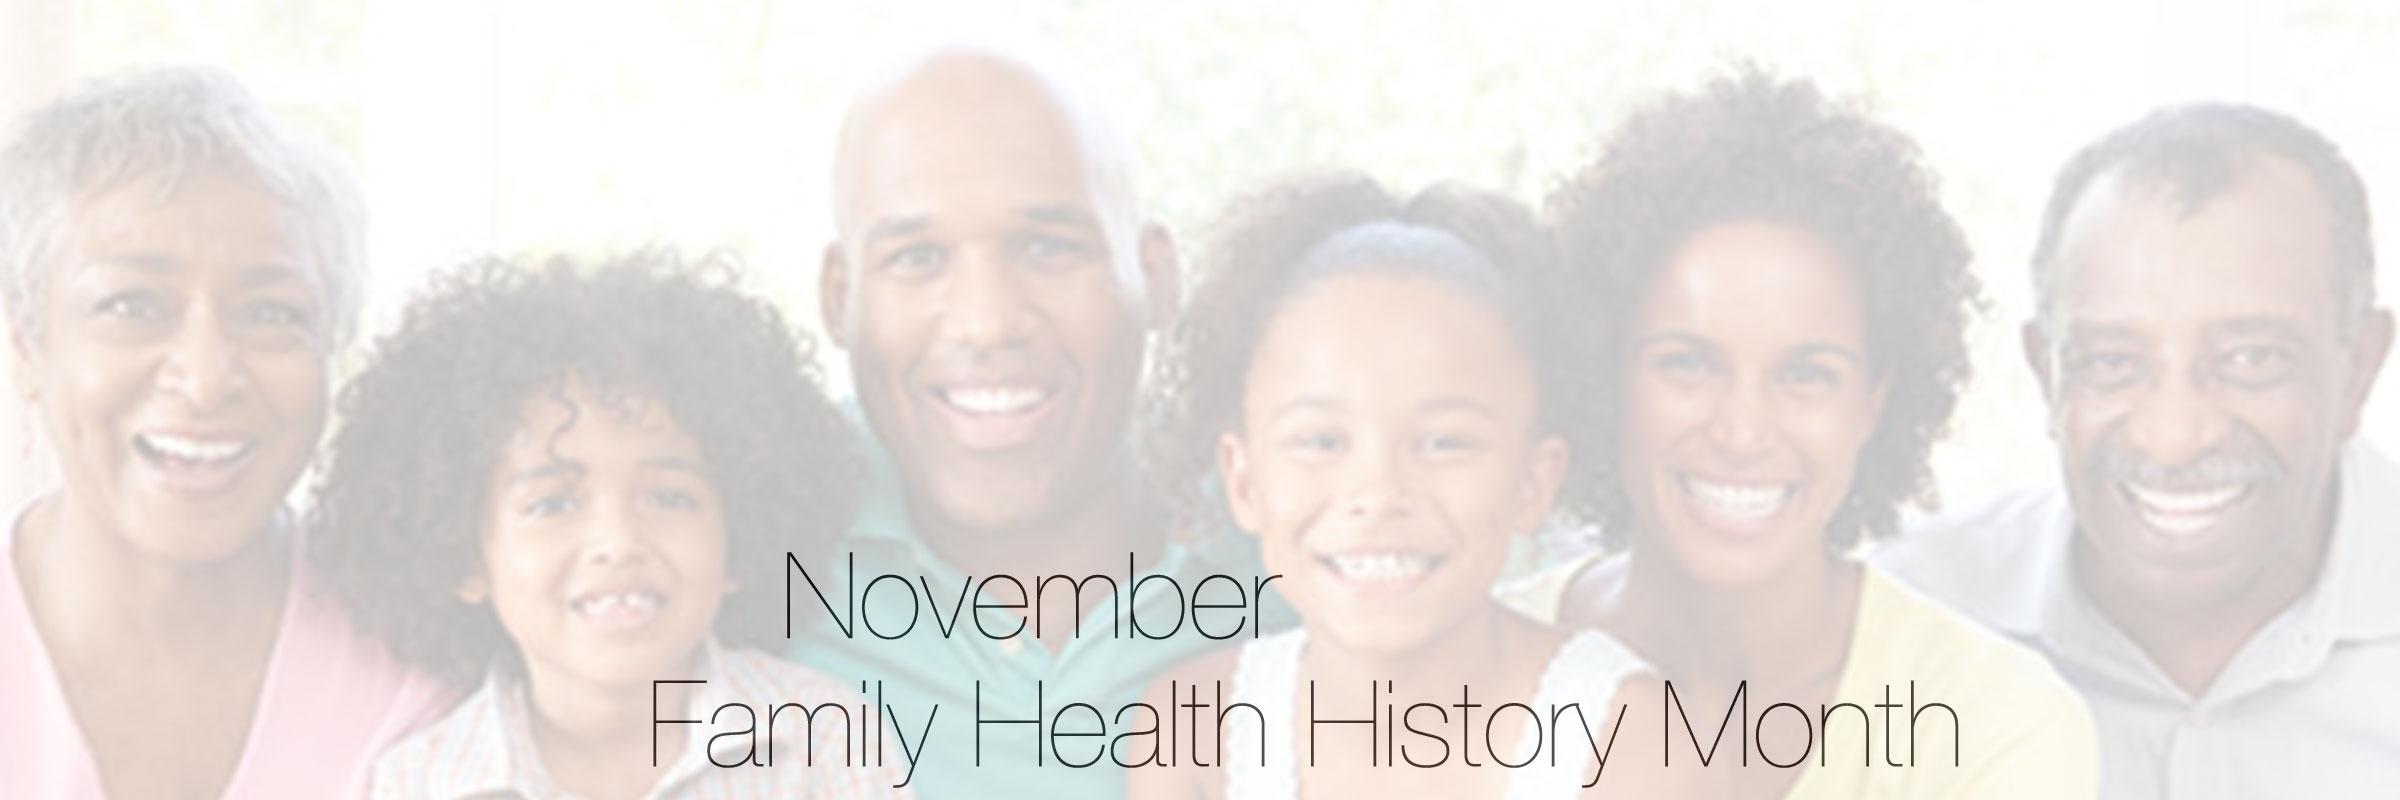 11-family-health-history